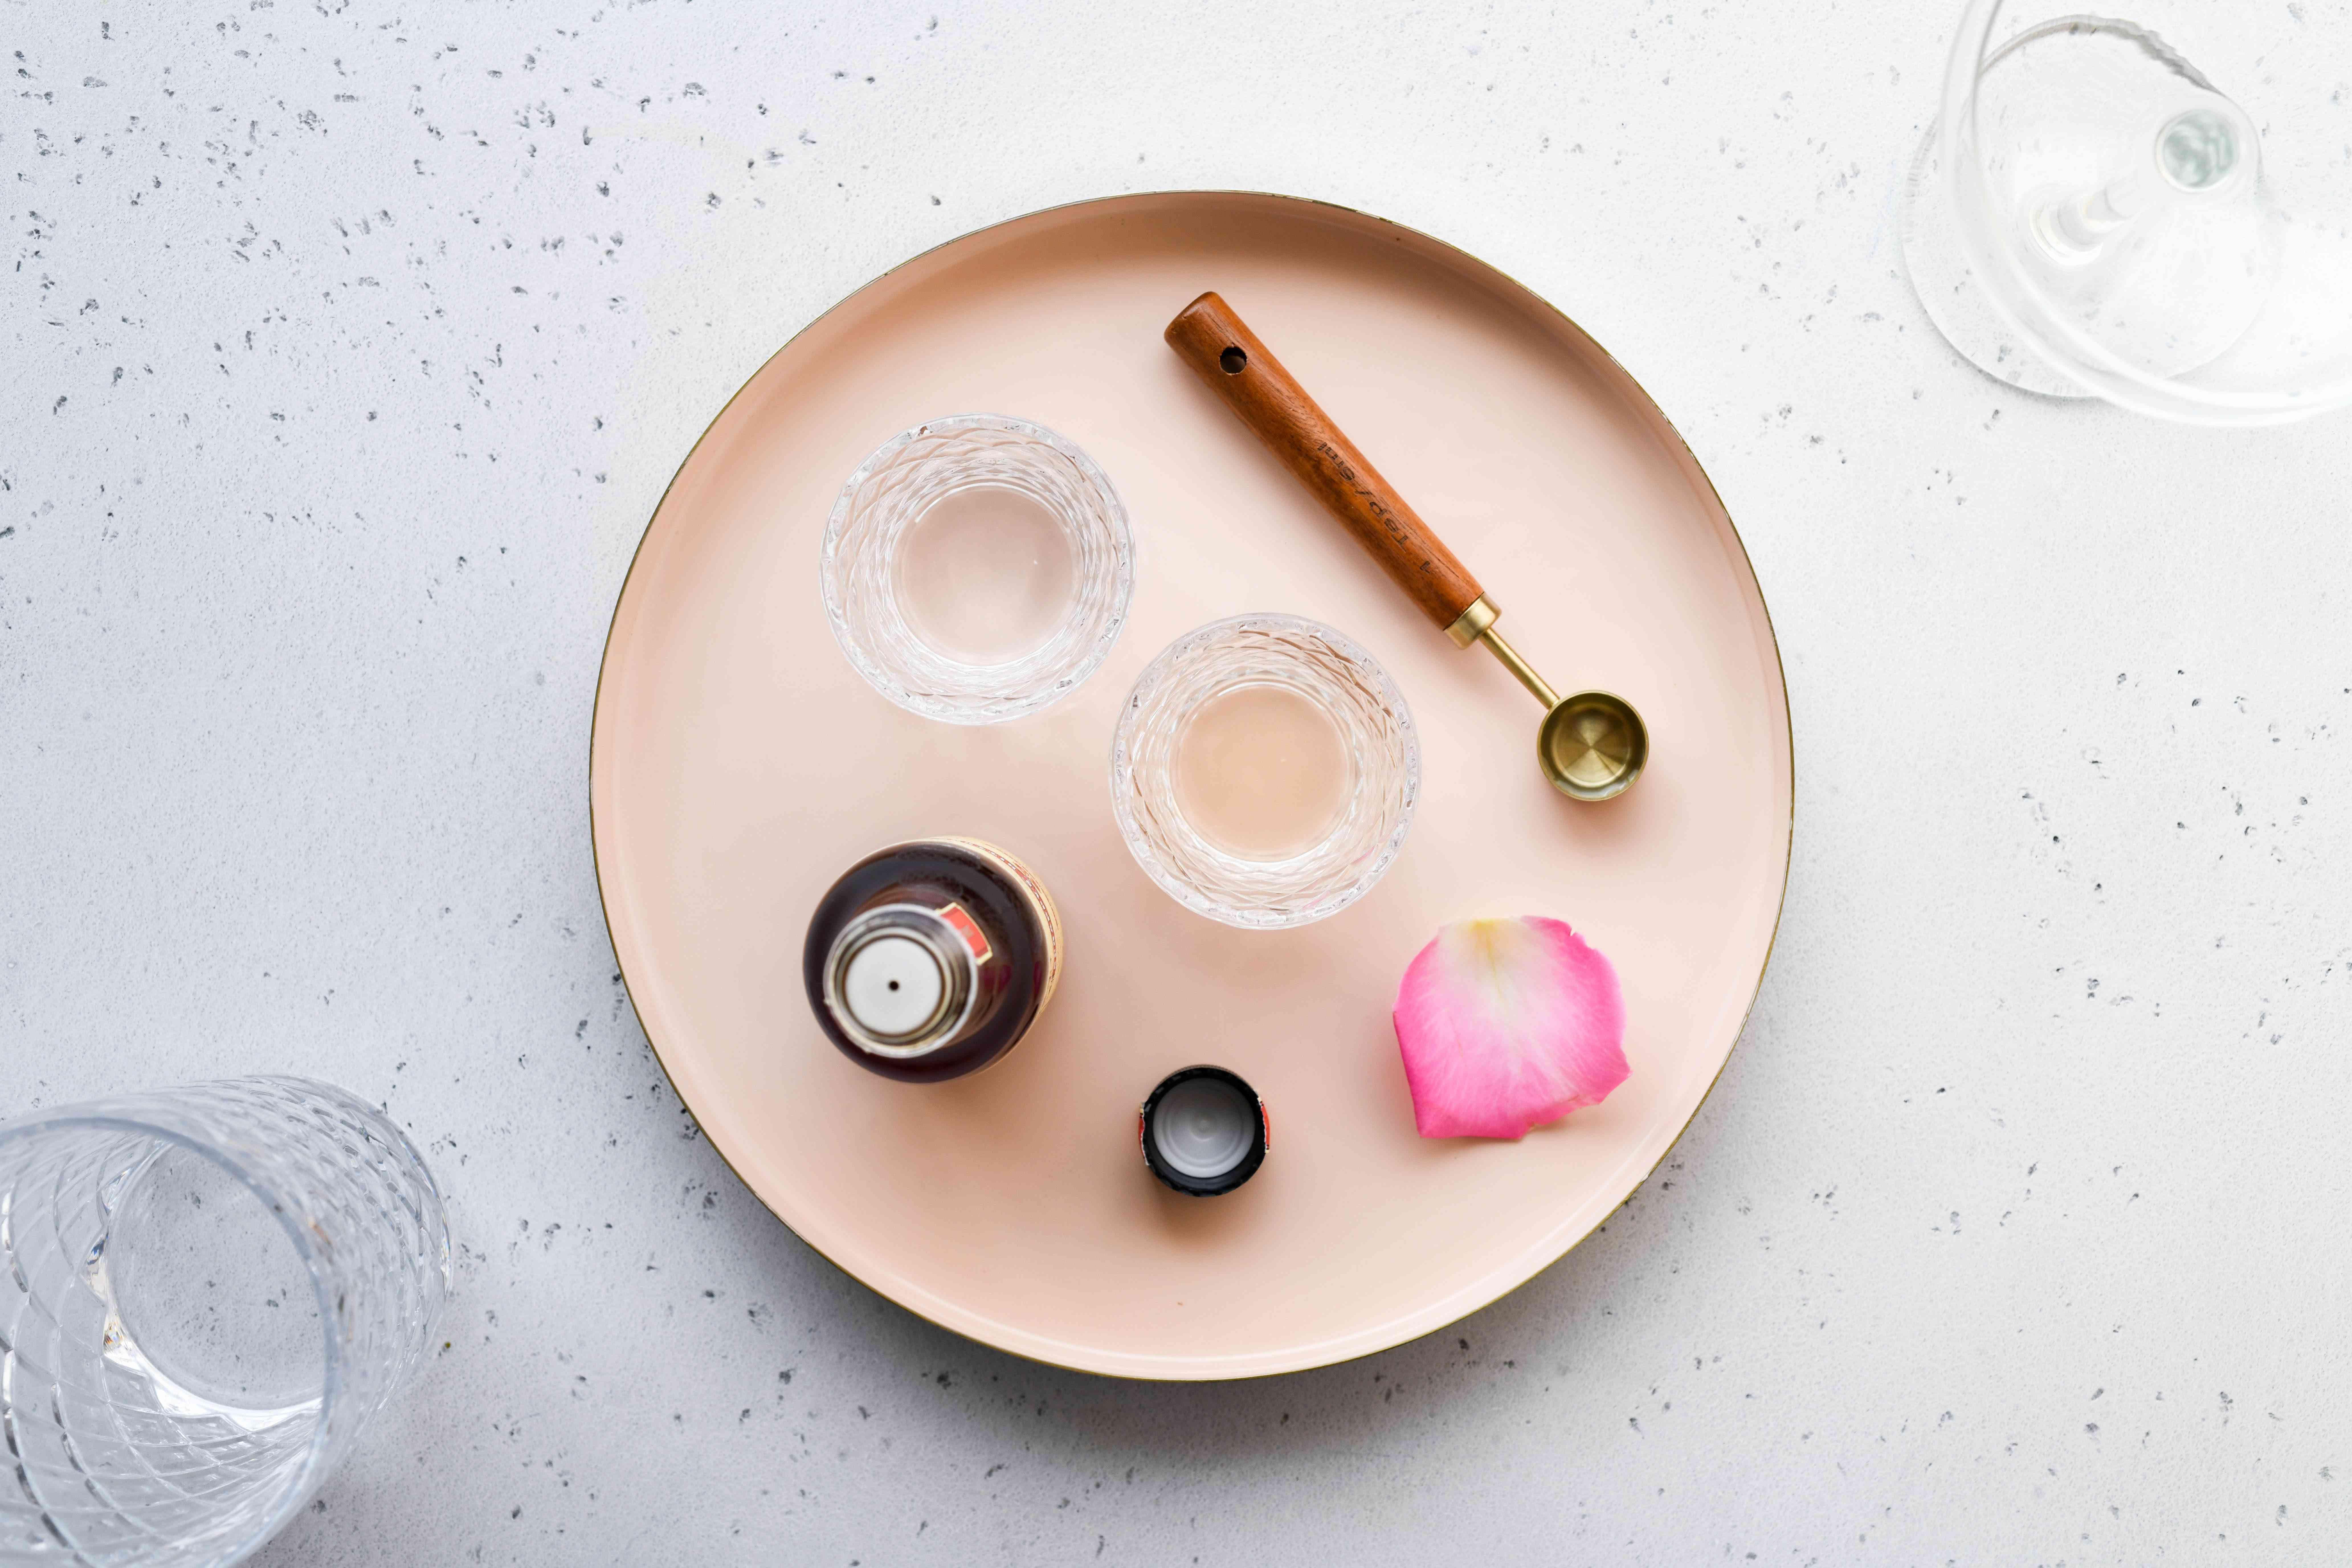 Rose Martini ingredients